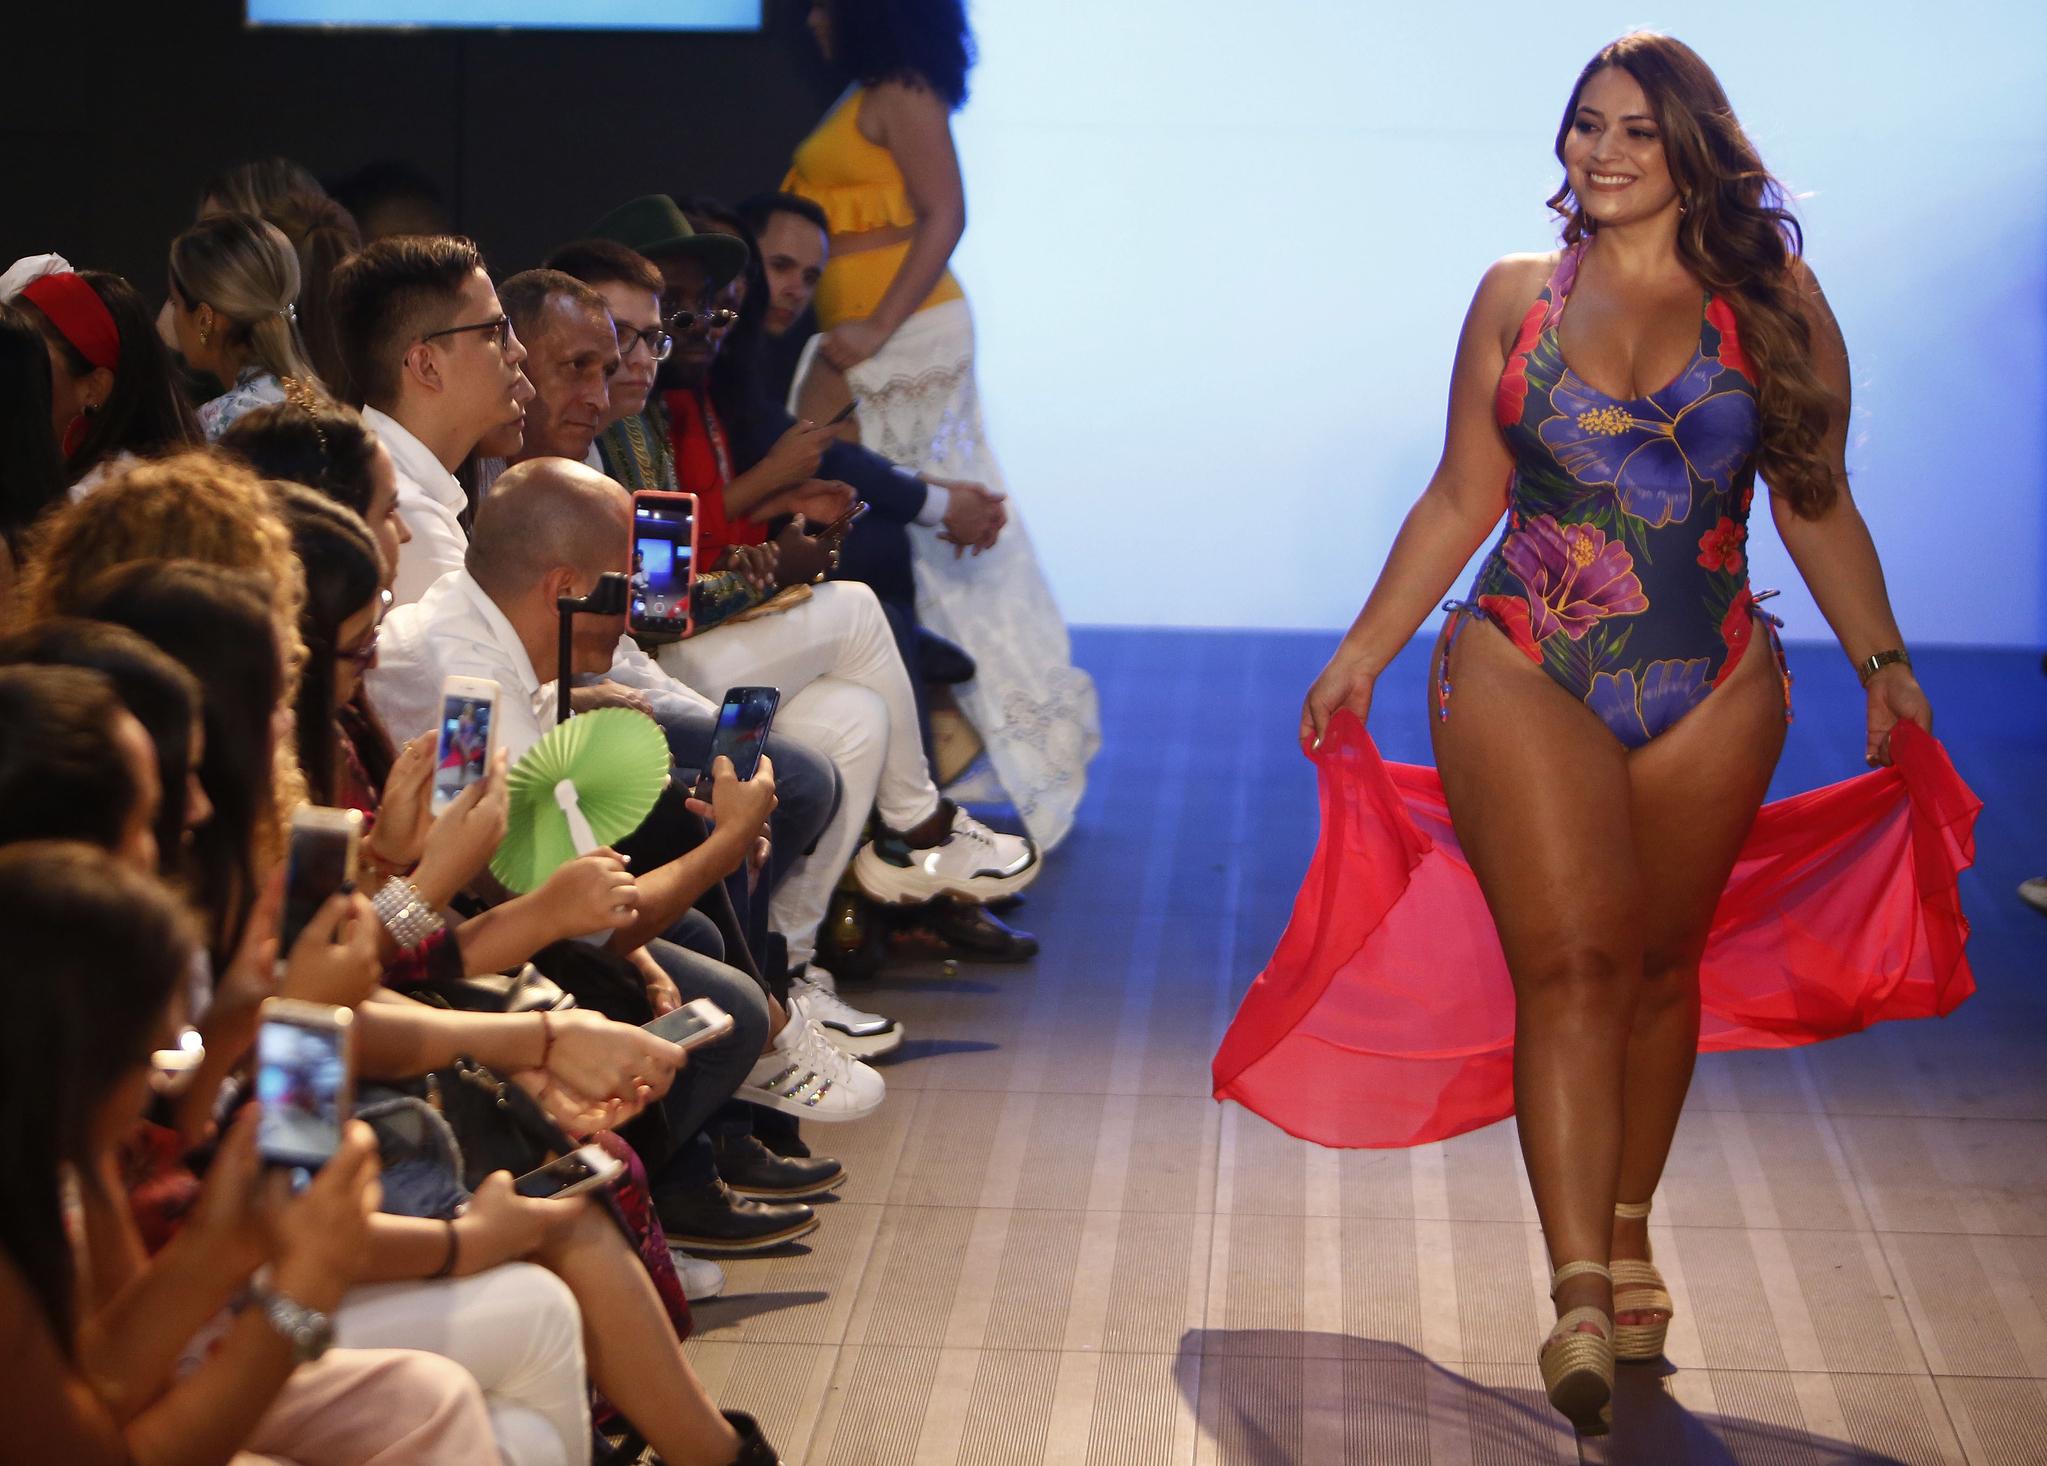 콜롬비아 메데진에서 중남미에서 가장 큰 패션쇼로 꼽히는 '콜롬비아모다 2019'가 23일(현지시간) 열렸다. 이날 한 모델이 다양한 체형의 일반인들에 맞춘 의상을 제작하는 콜롬비아 의류업체 '레벨'의 수영복을 입고 워킹을 하고 있다. [EPA=연합뉴스]